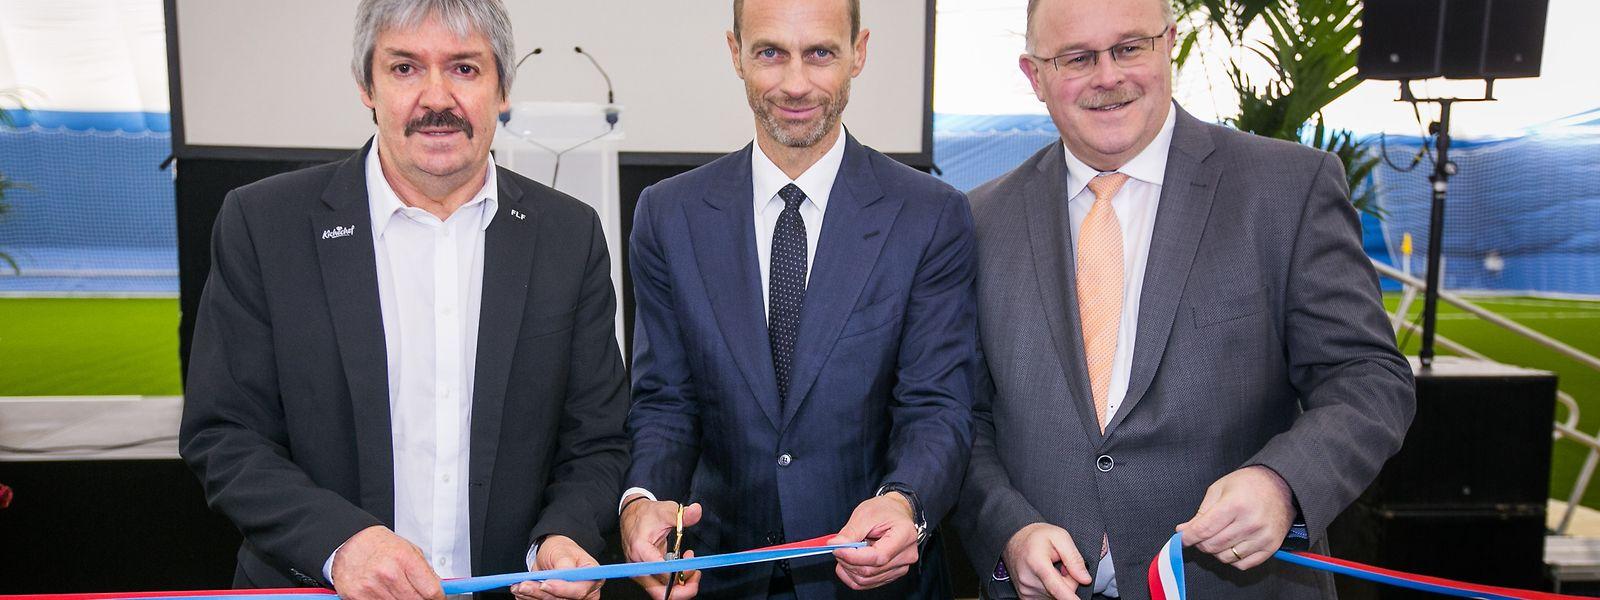 Le président de l'UEFA Aleksander Ceferin (au centre, au côté du président de la FLF Paul Philipp, à droite, et du ministre des Sports, Romain Schneider, à gauche) a abordé tous les sujets brûlants du football européen, ce jeudi à Mondercange